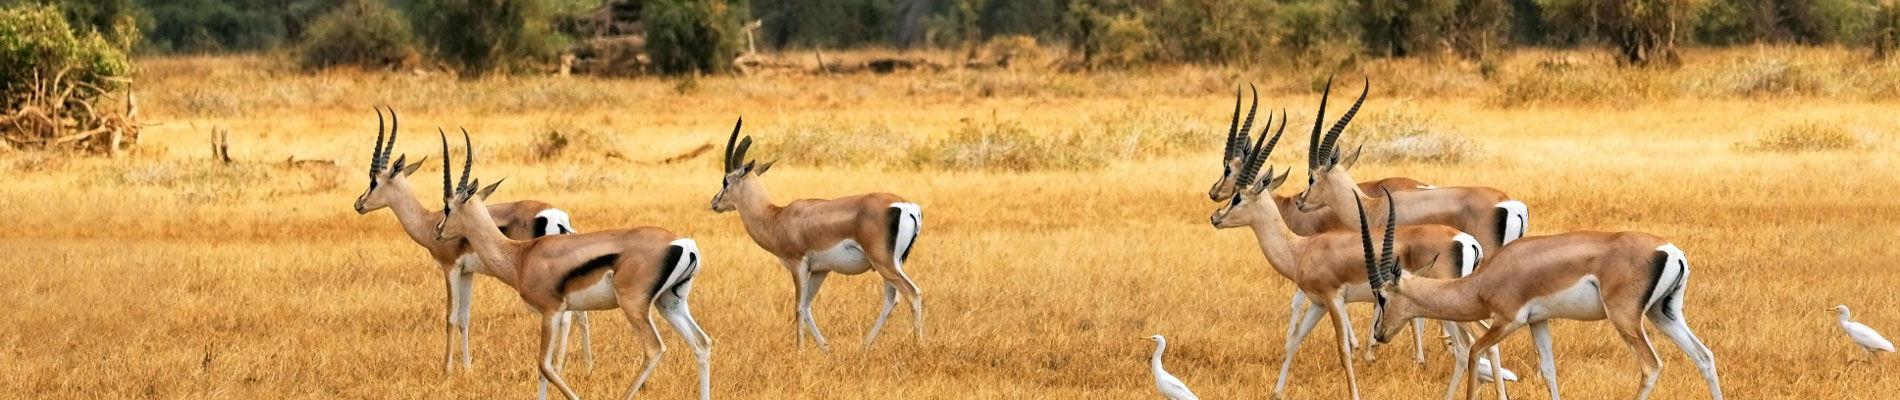 afrique-du-sud-savane-gazelles